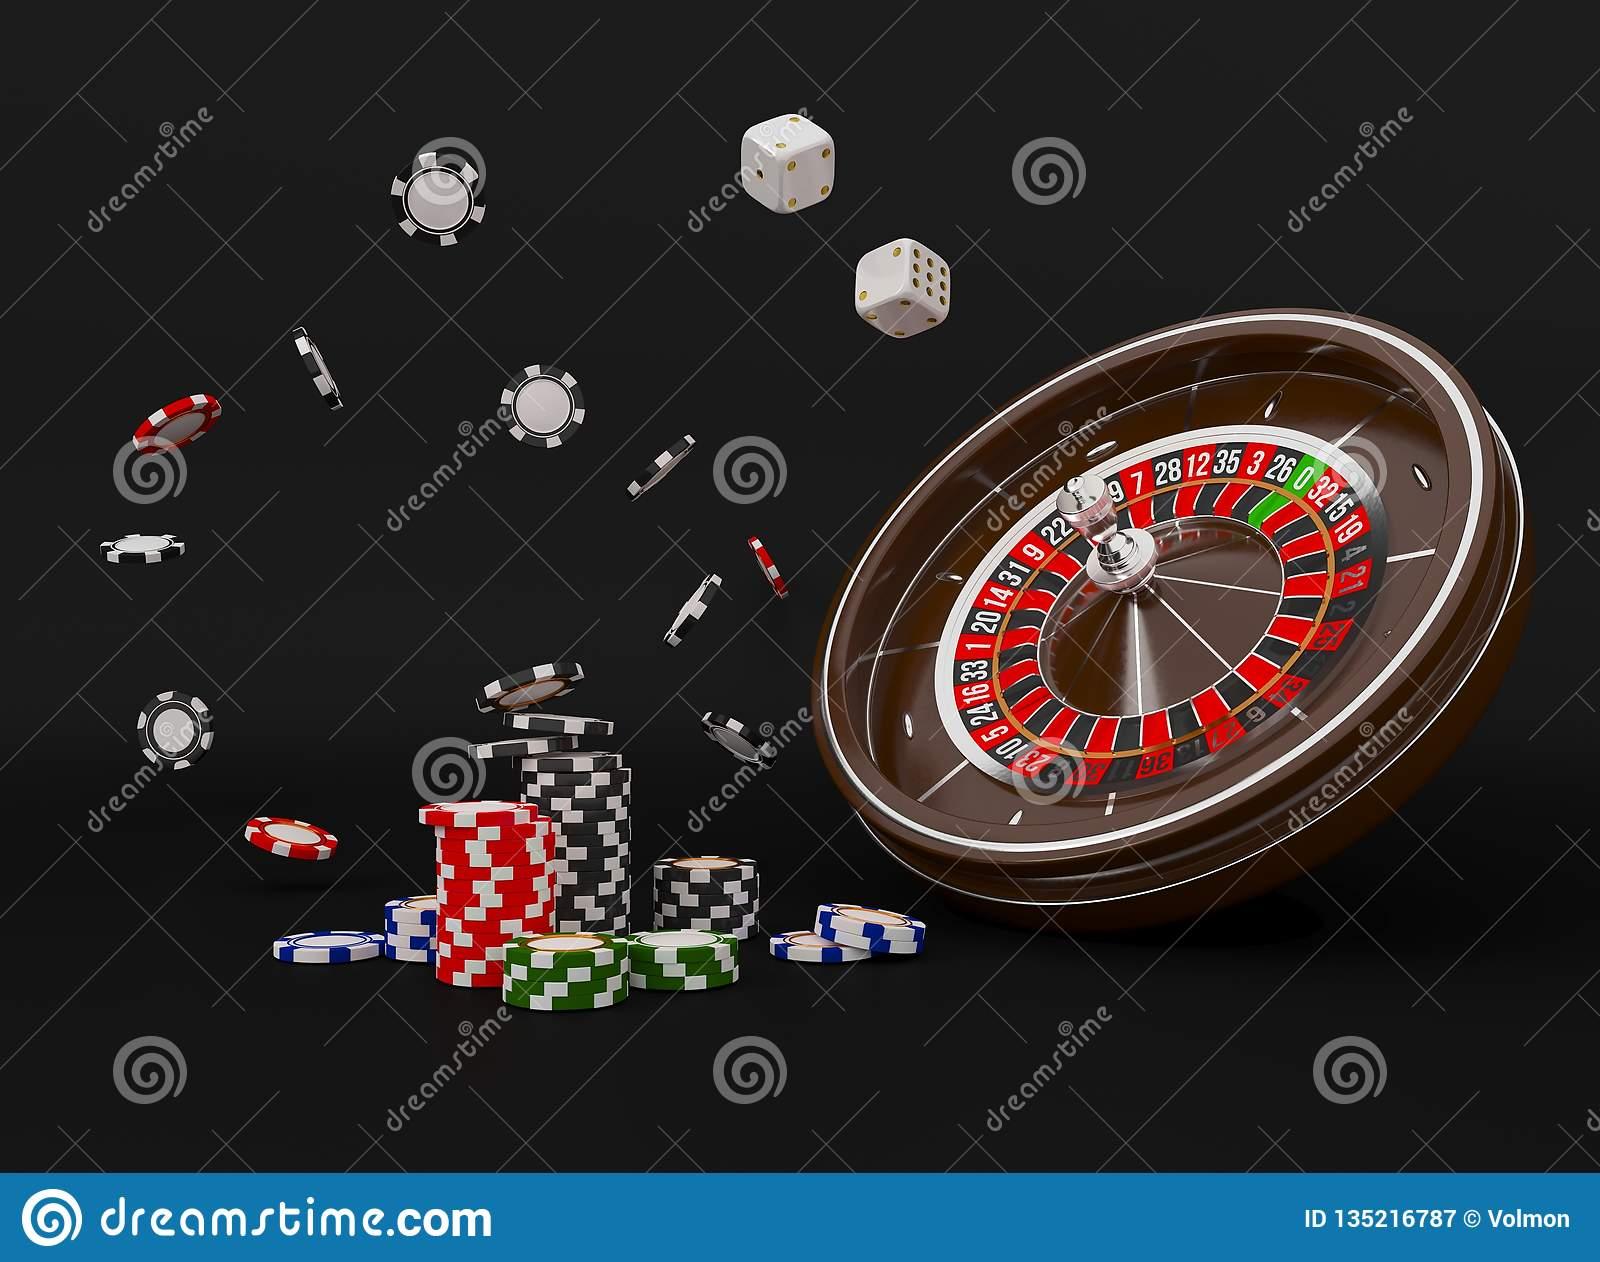 Русская рулетка с пельшем онлайн бесплатные игри онлайн игровые автоматы